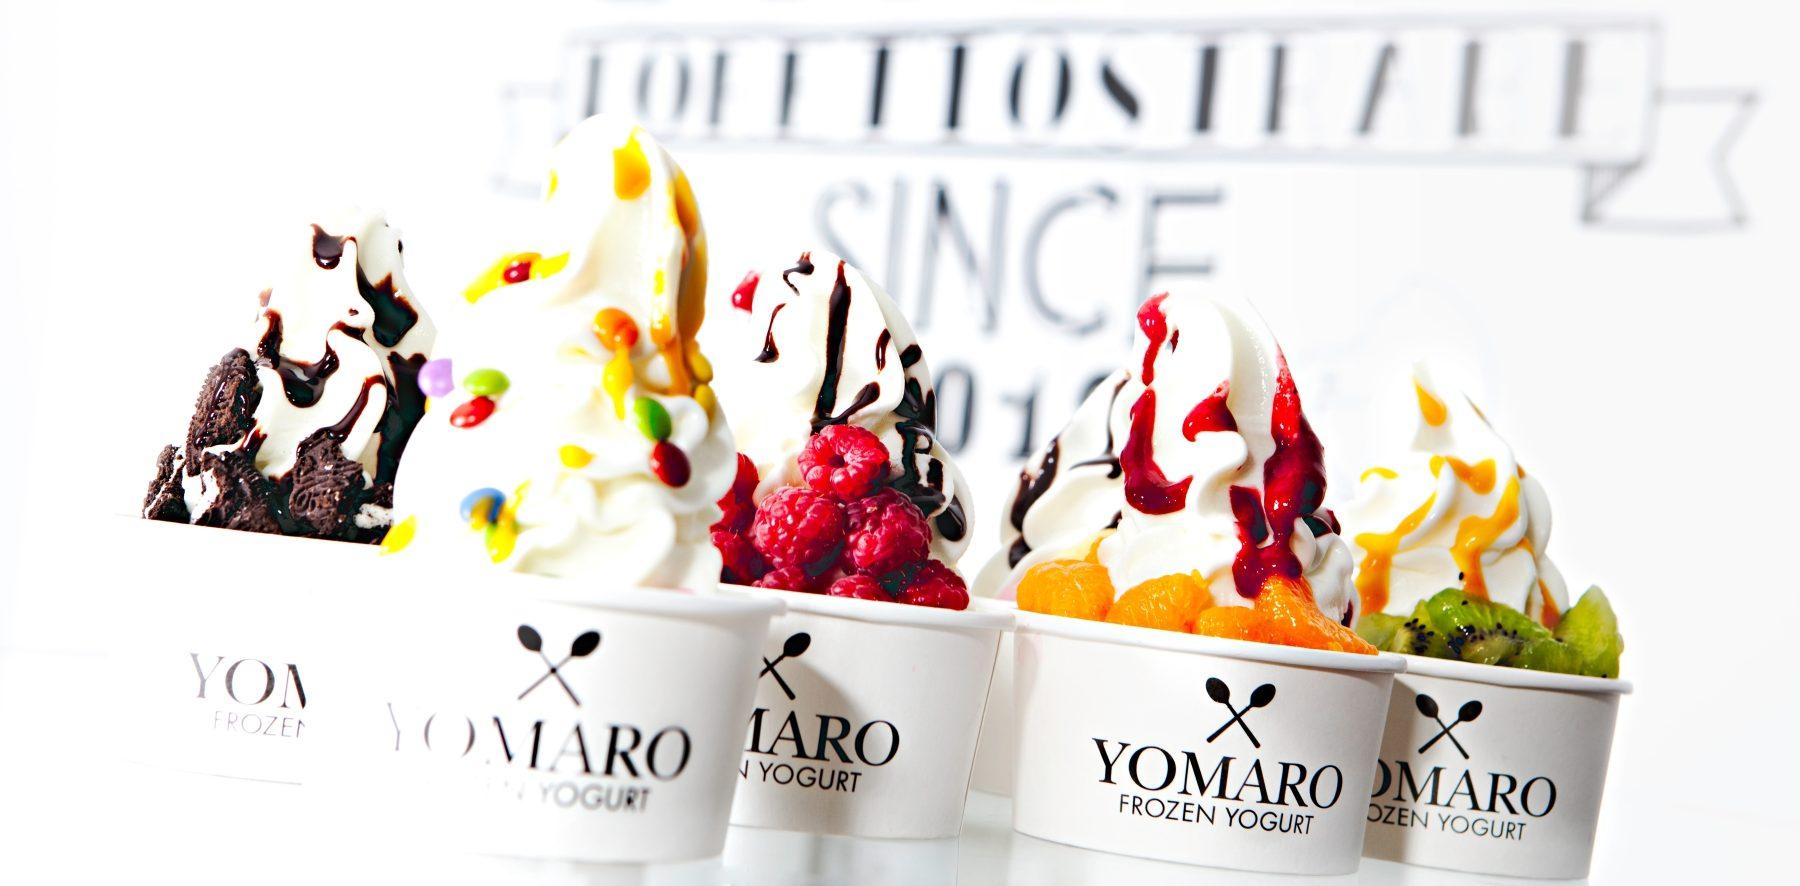 yomaro frozen yogurt ganz deutschland liebt yomaro. Black Bedroom Furniture Sets. Home Design Ideas